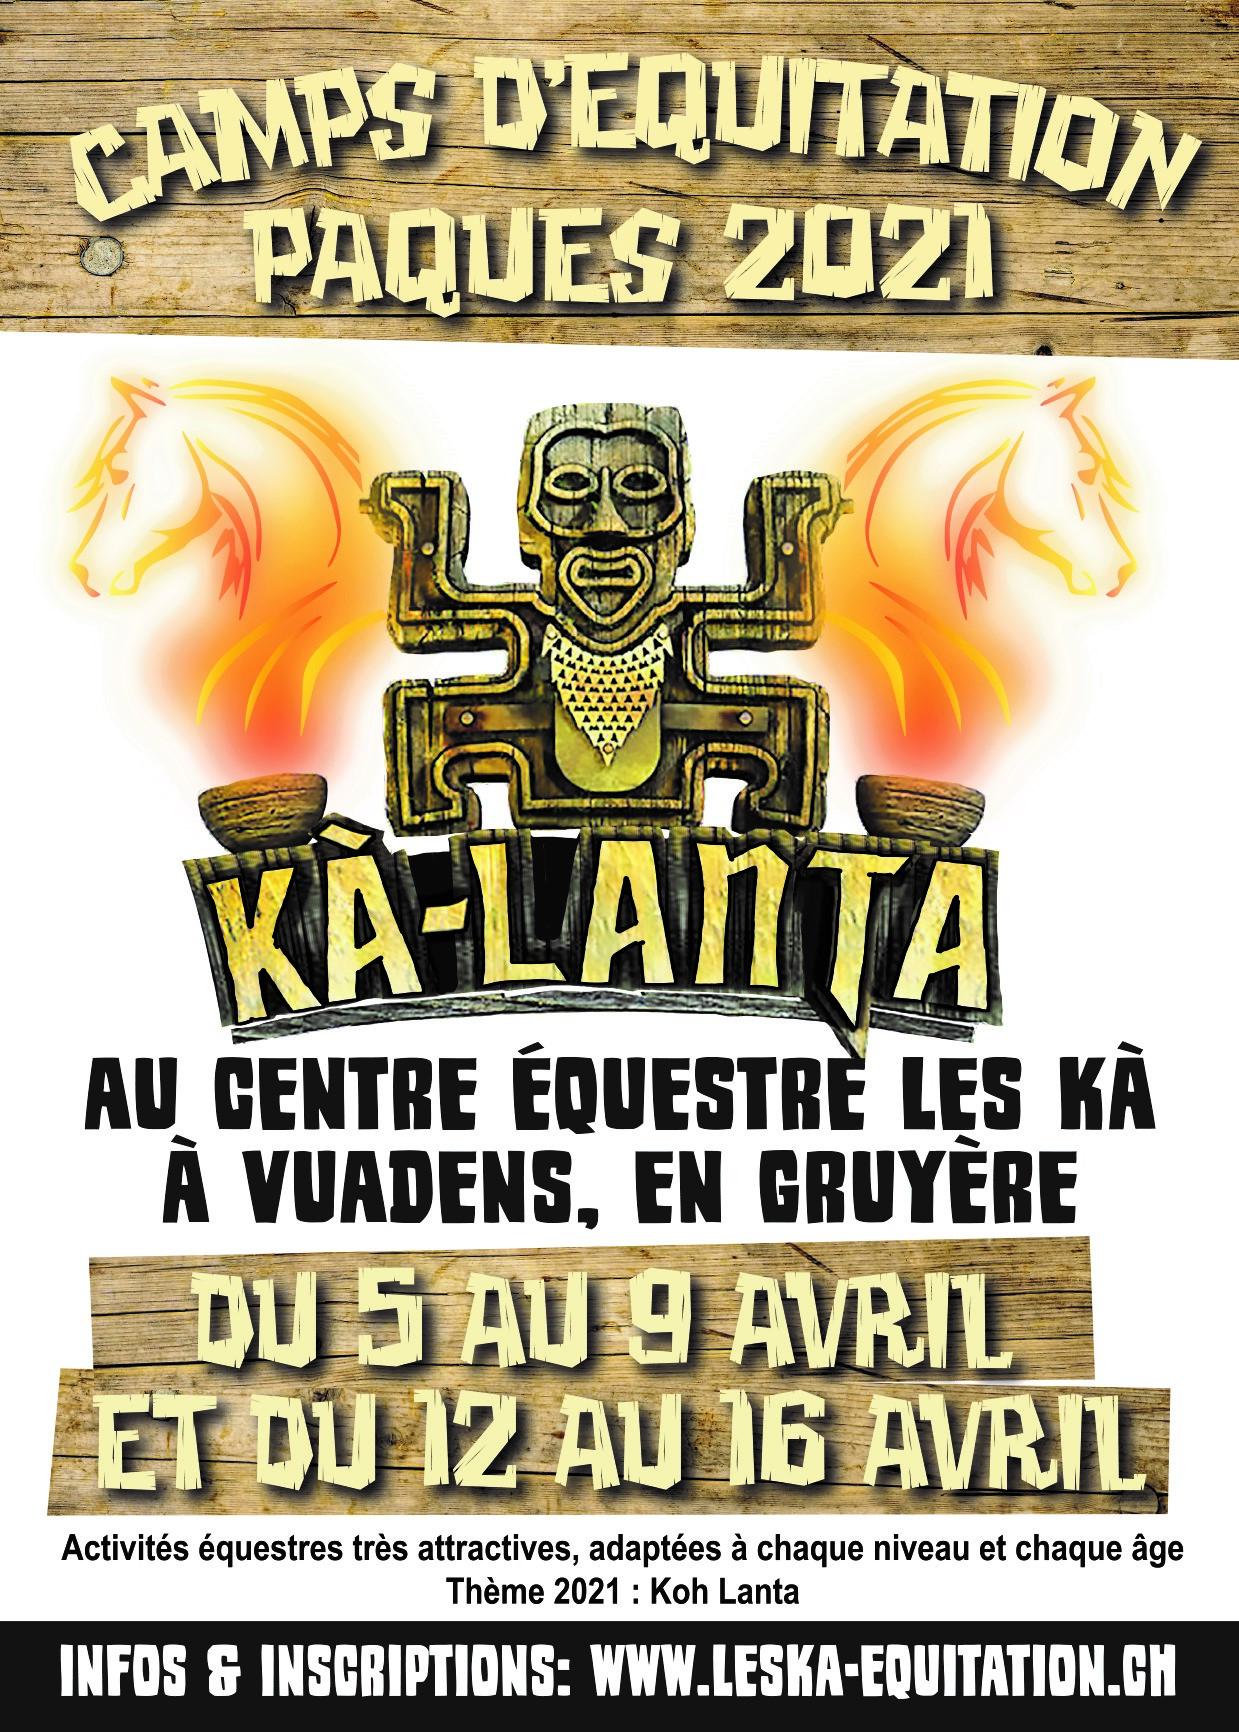 Camp d'équitation – Pâques 2021